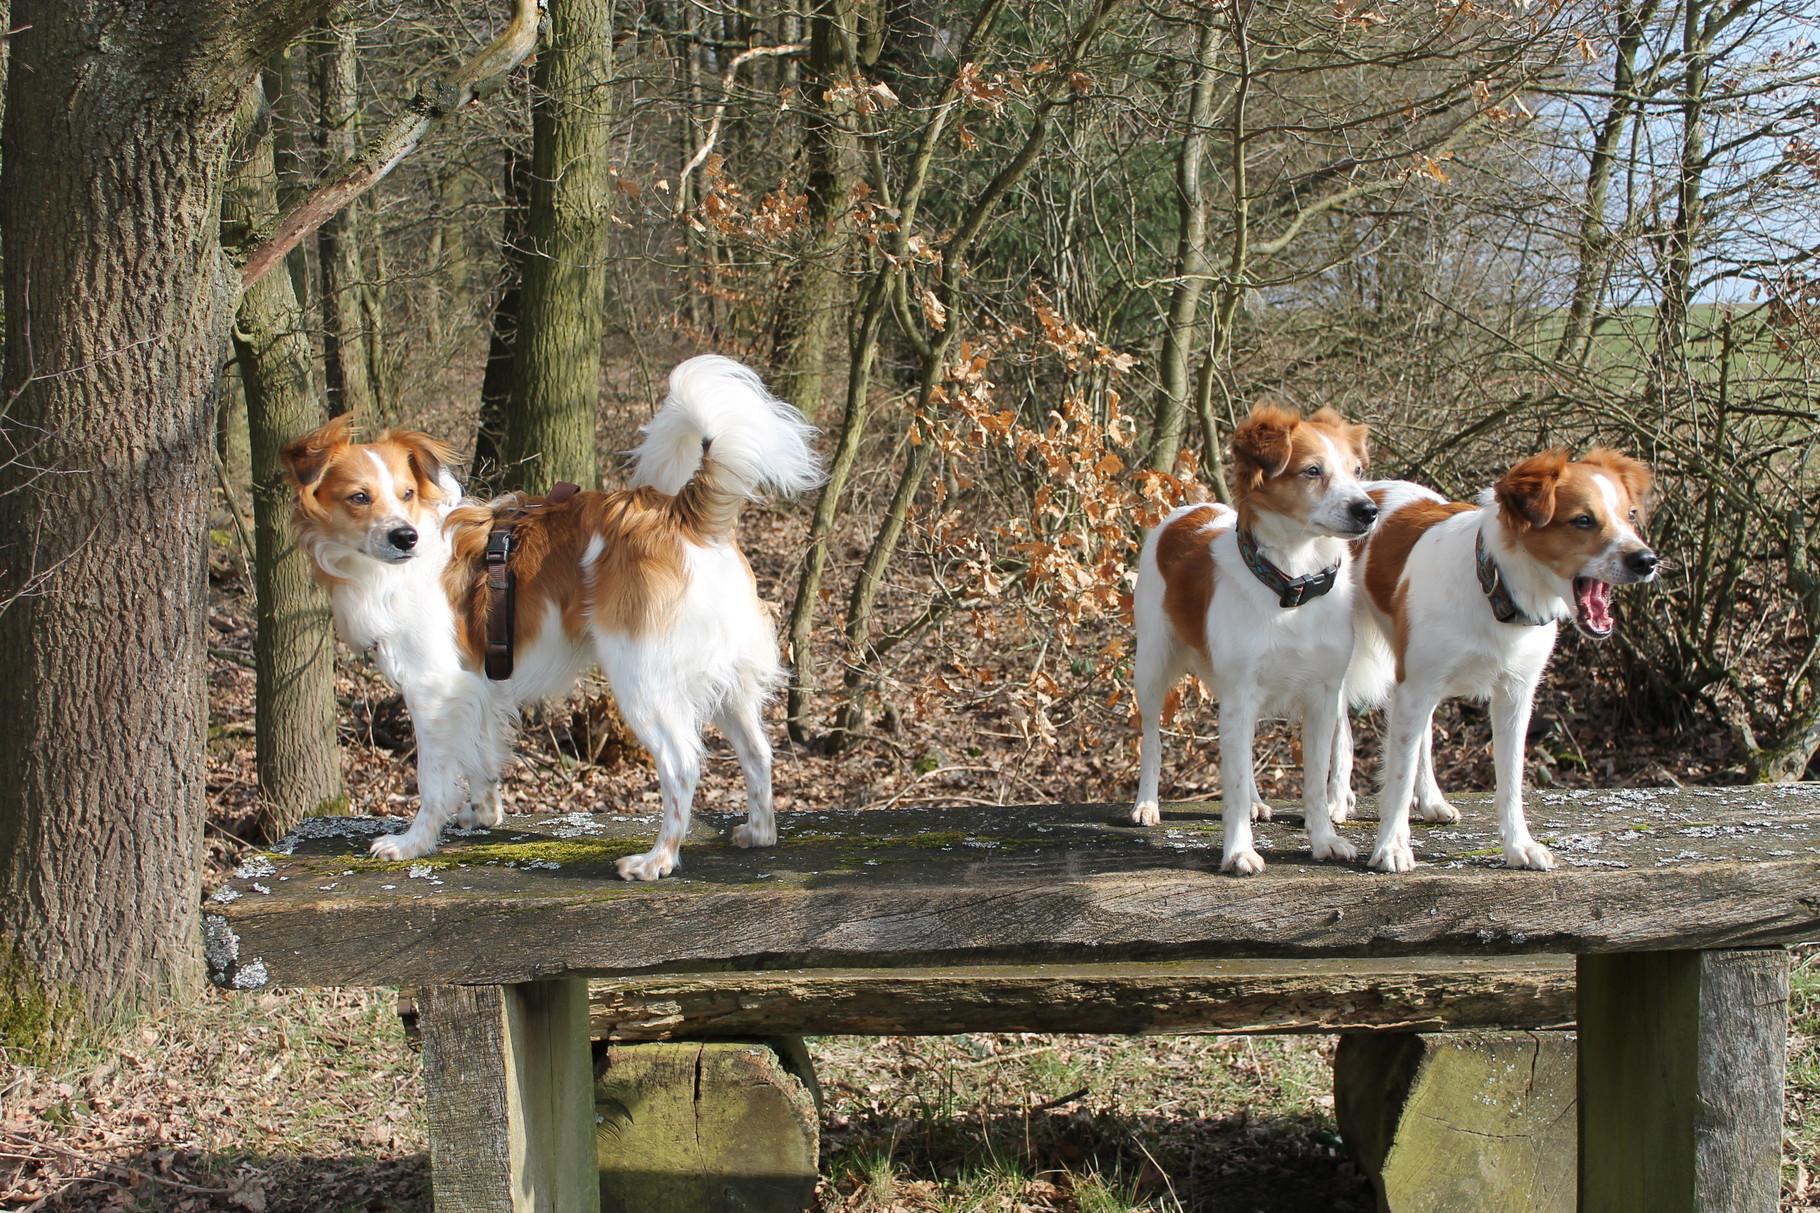 Chester mit seinen Freundinnen Aisha und Aivy vom Licher Turm